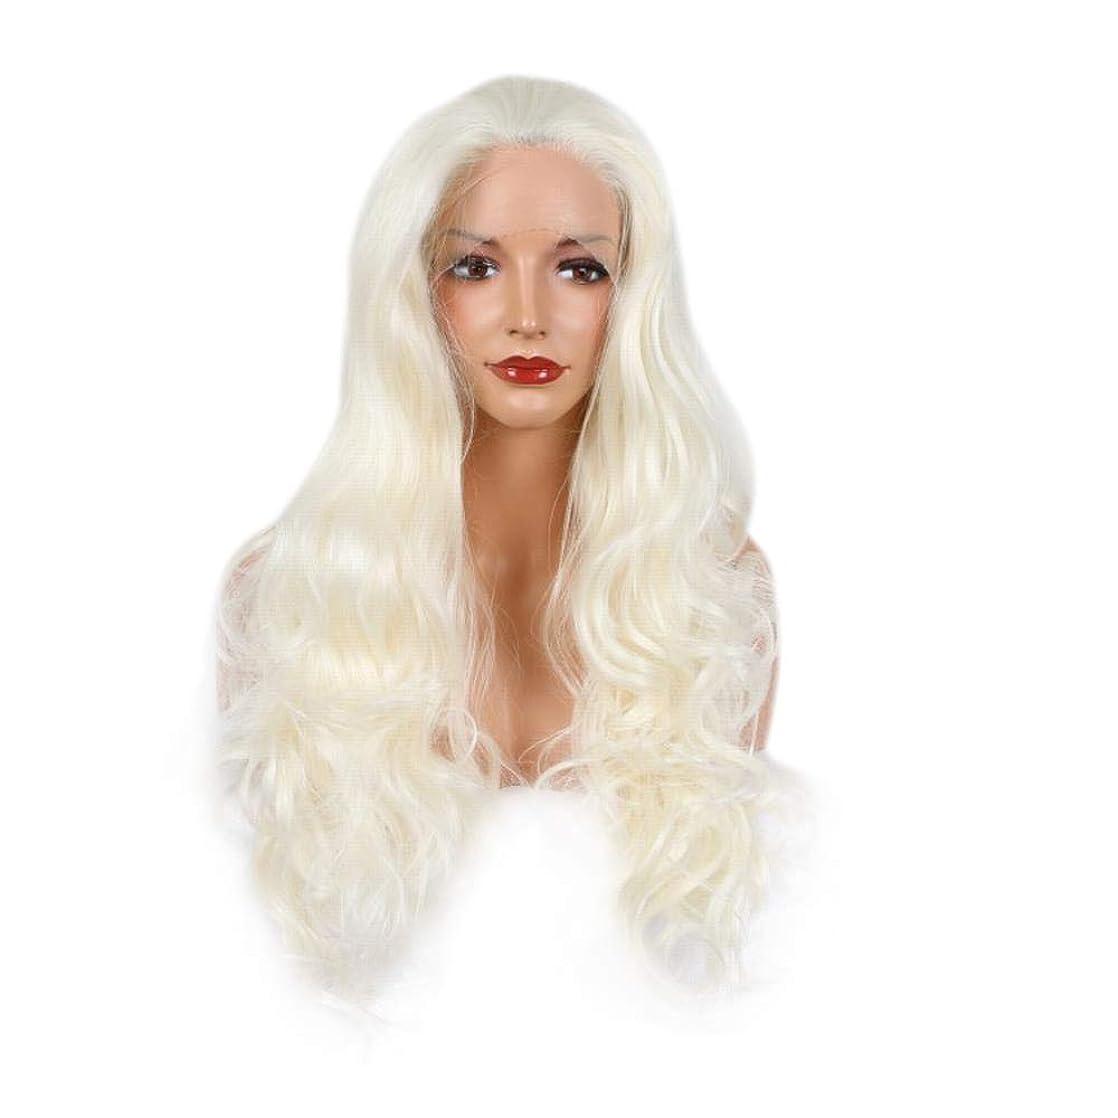 メーカーしおれた価格YESONEEP 大きな波状の長い巻き毛のかつらフロントレースかつら合成の髪レースかつらロールプレイングかつら (色 : Creamy-white)